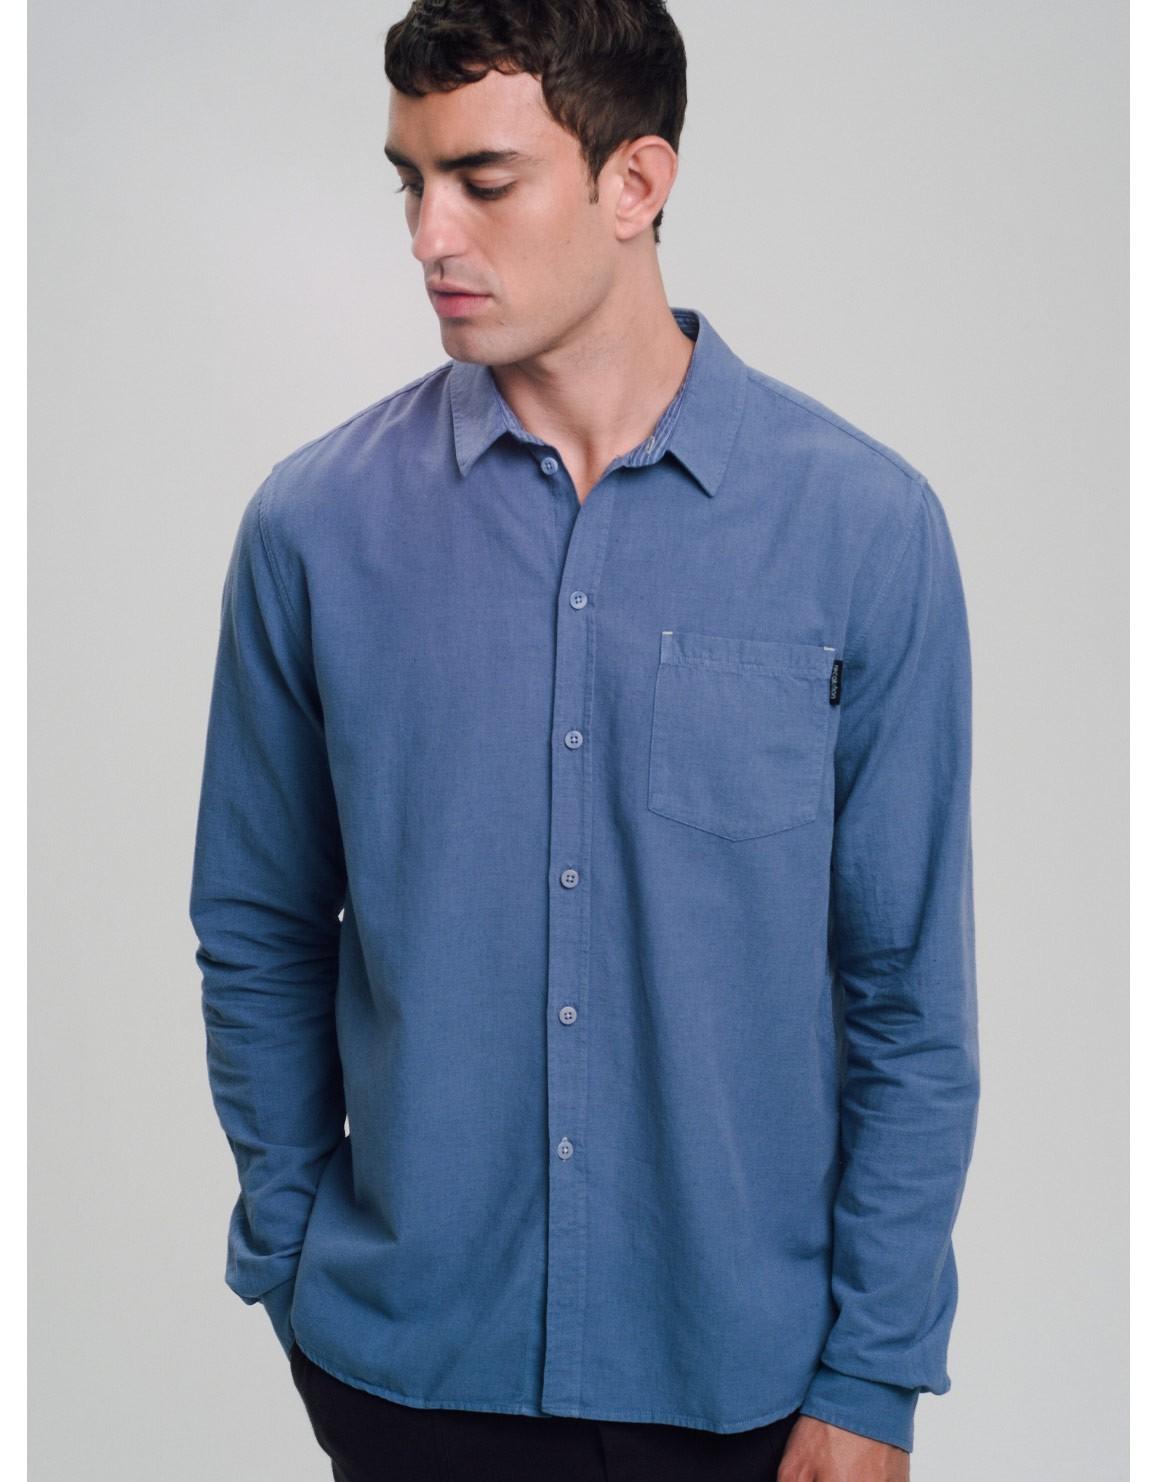 Leinen Basic Hemd